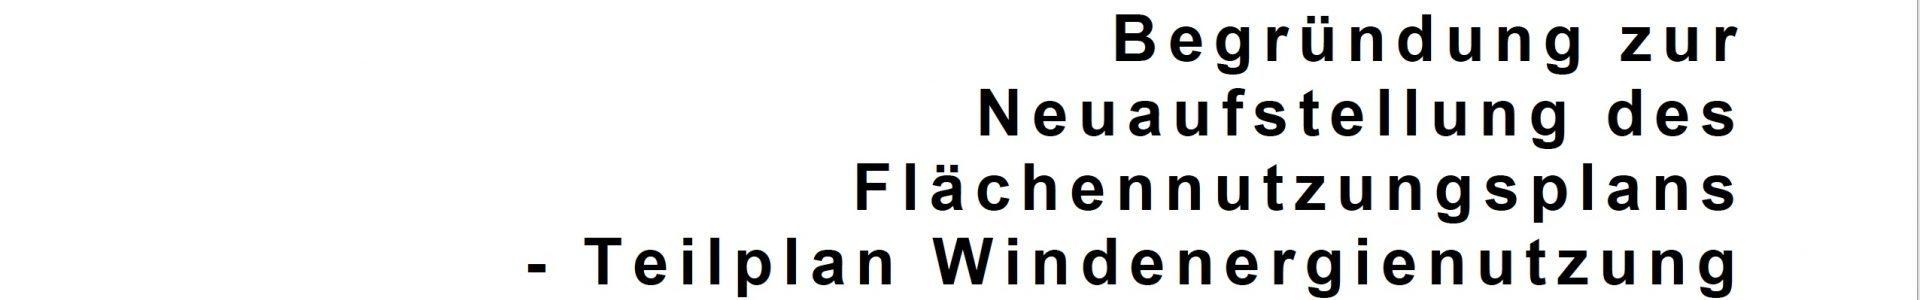 7-Wege-Gegenwind e.V.